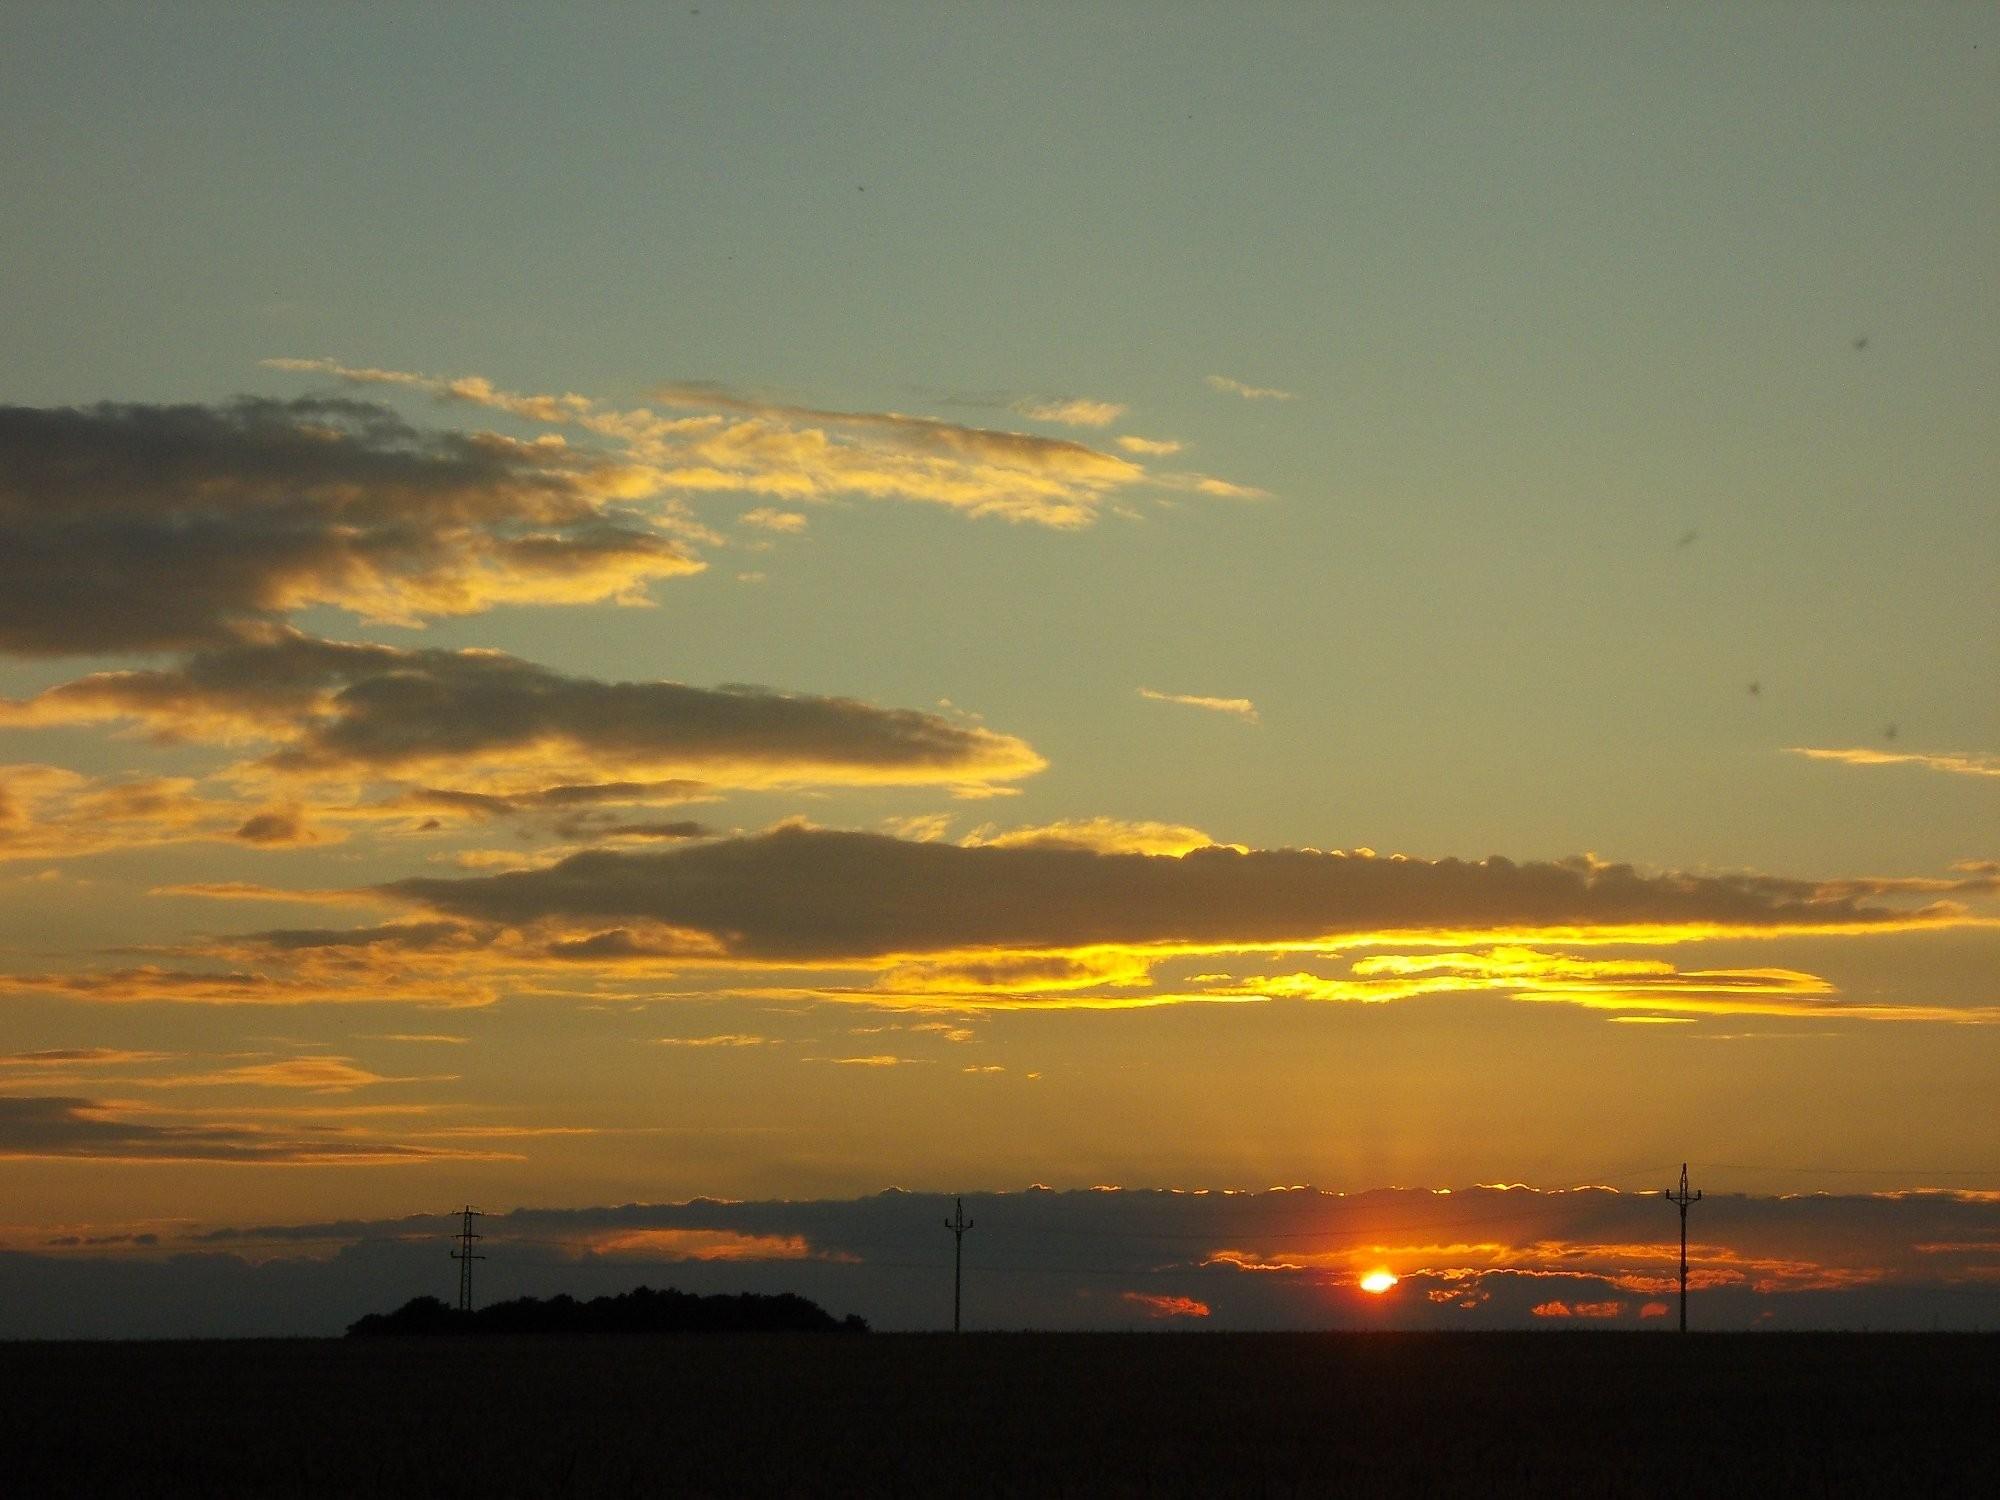 Západ slunce - 14.7.2014 20:56